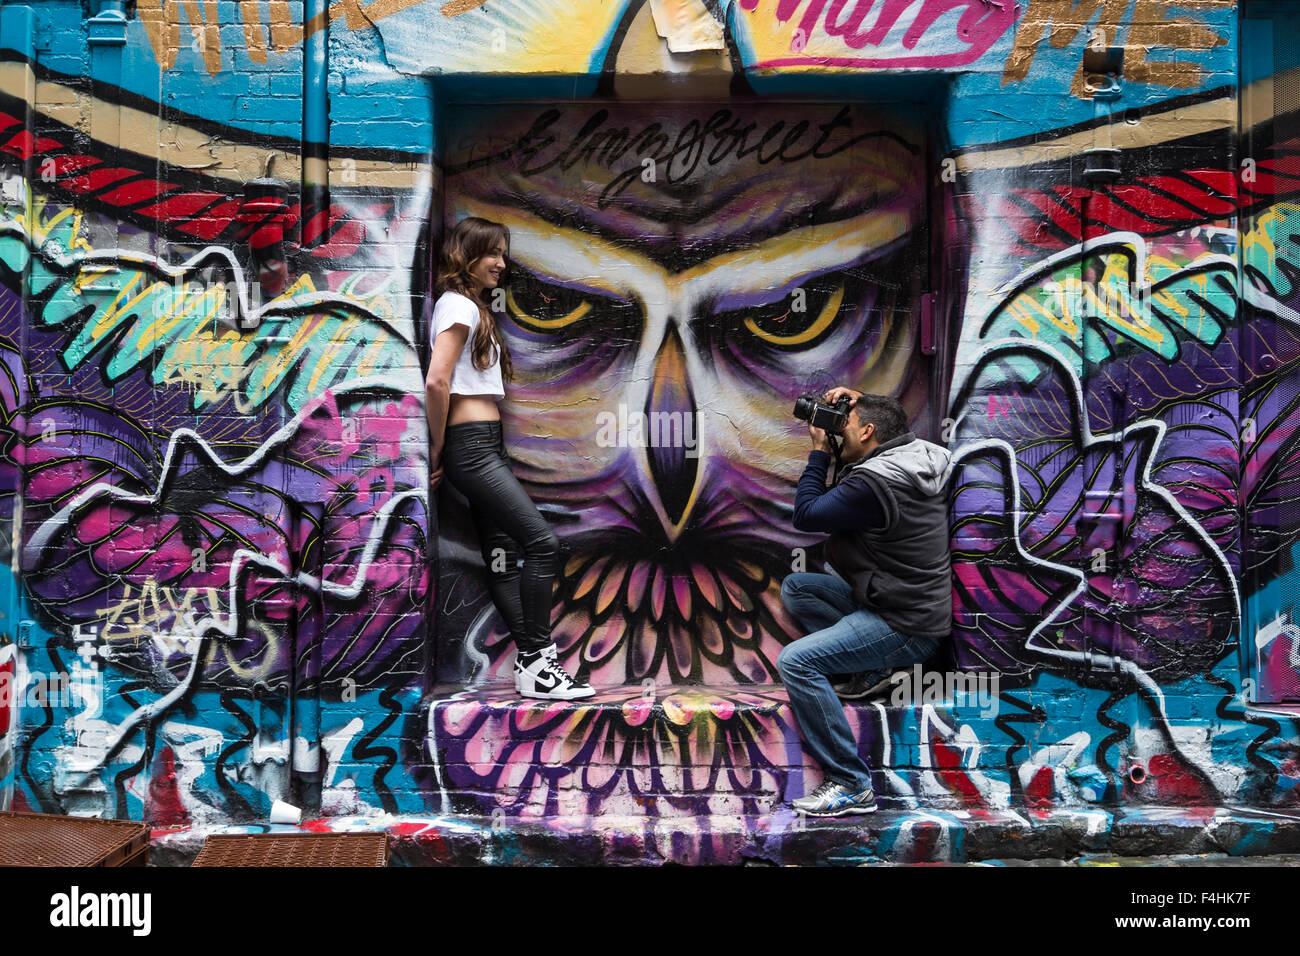 Melbourne, Australie - 25 Avril 2015: un photographe et un modèle comportant une séance photo devant un mur de graffiti dans le célèbre Banque D'Images